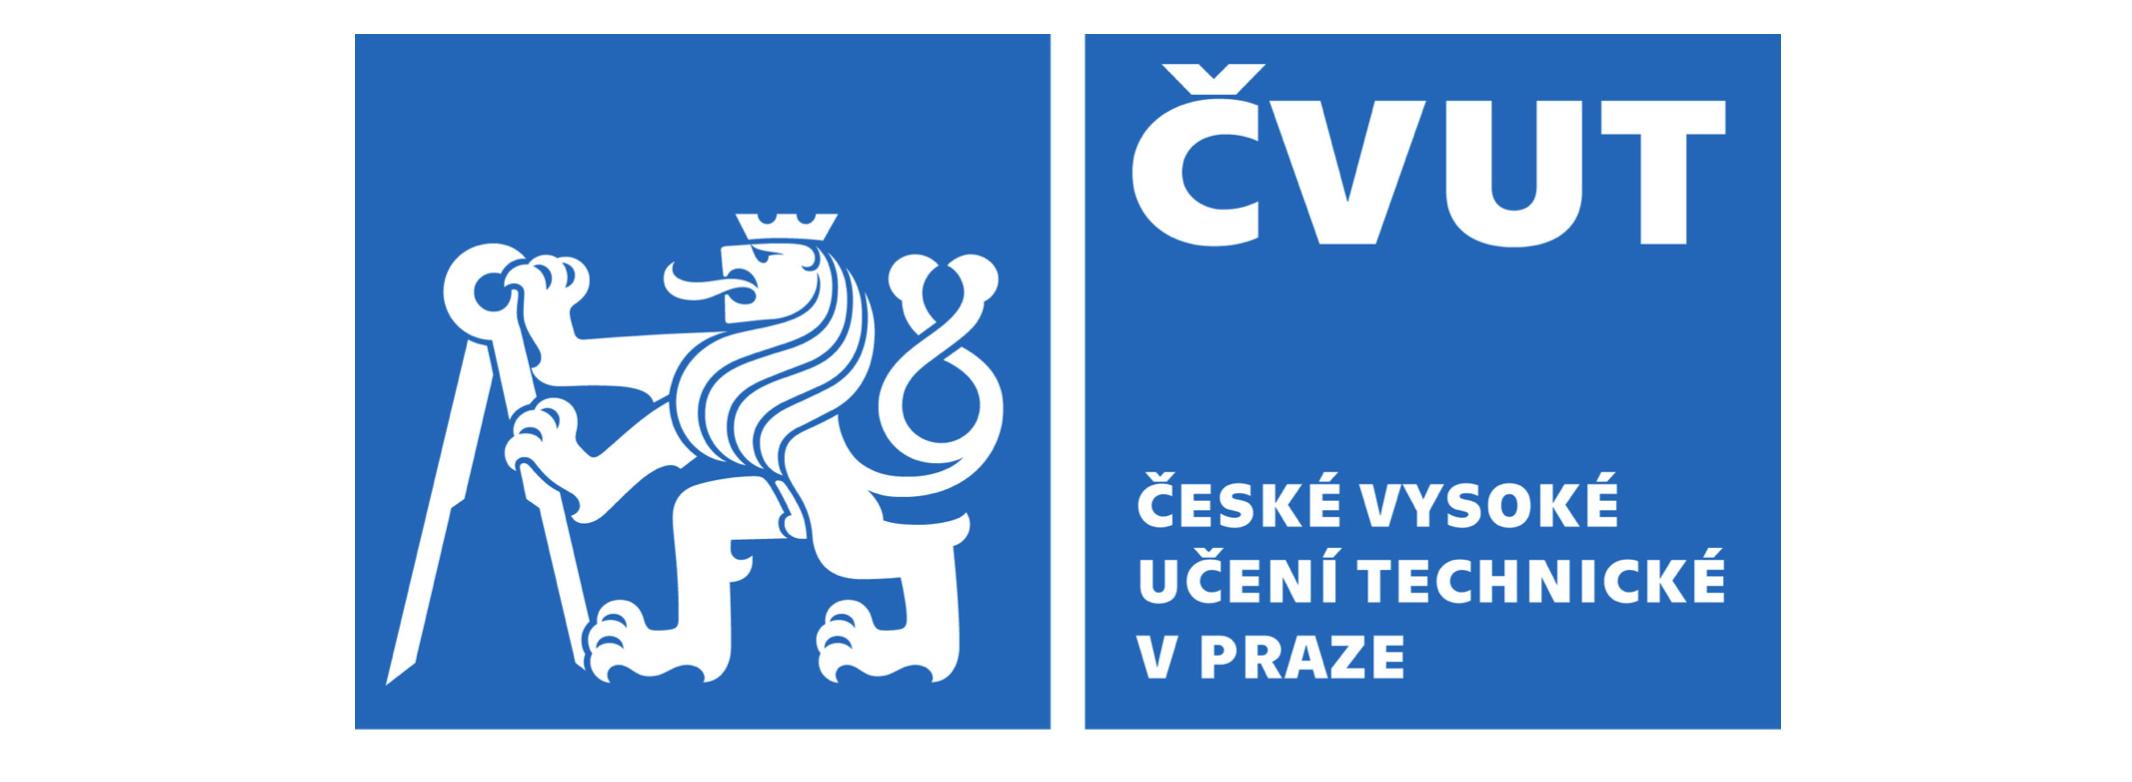 CVUT_logo